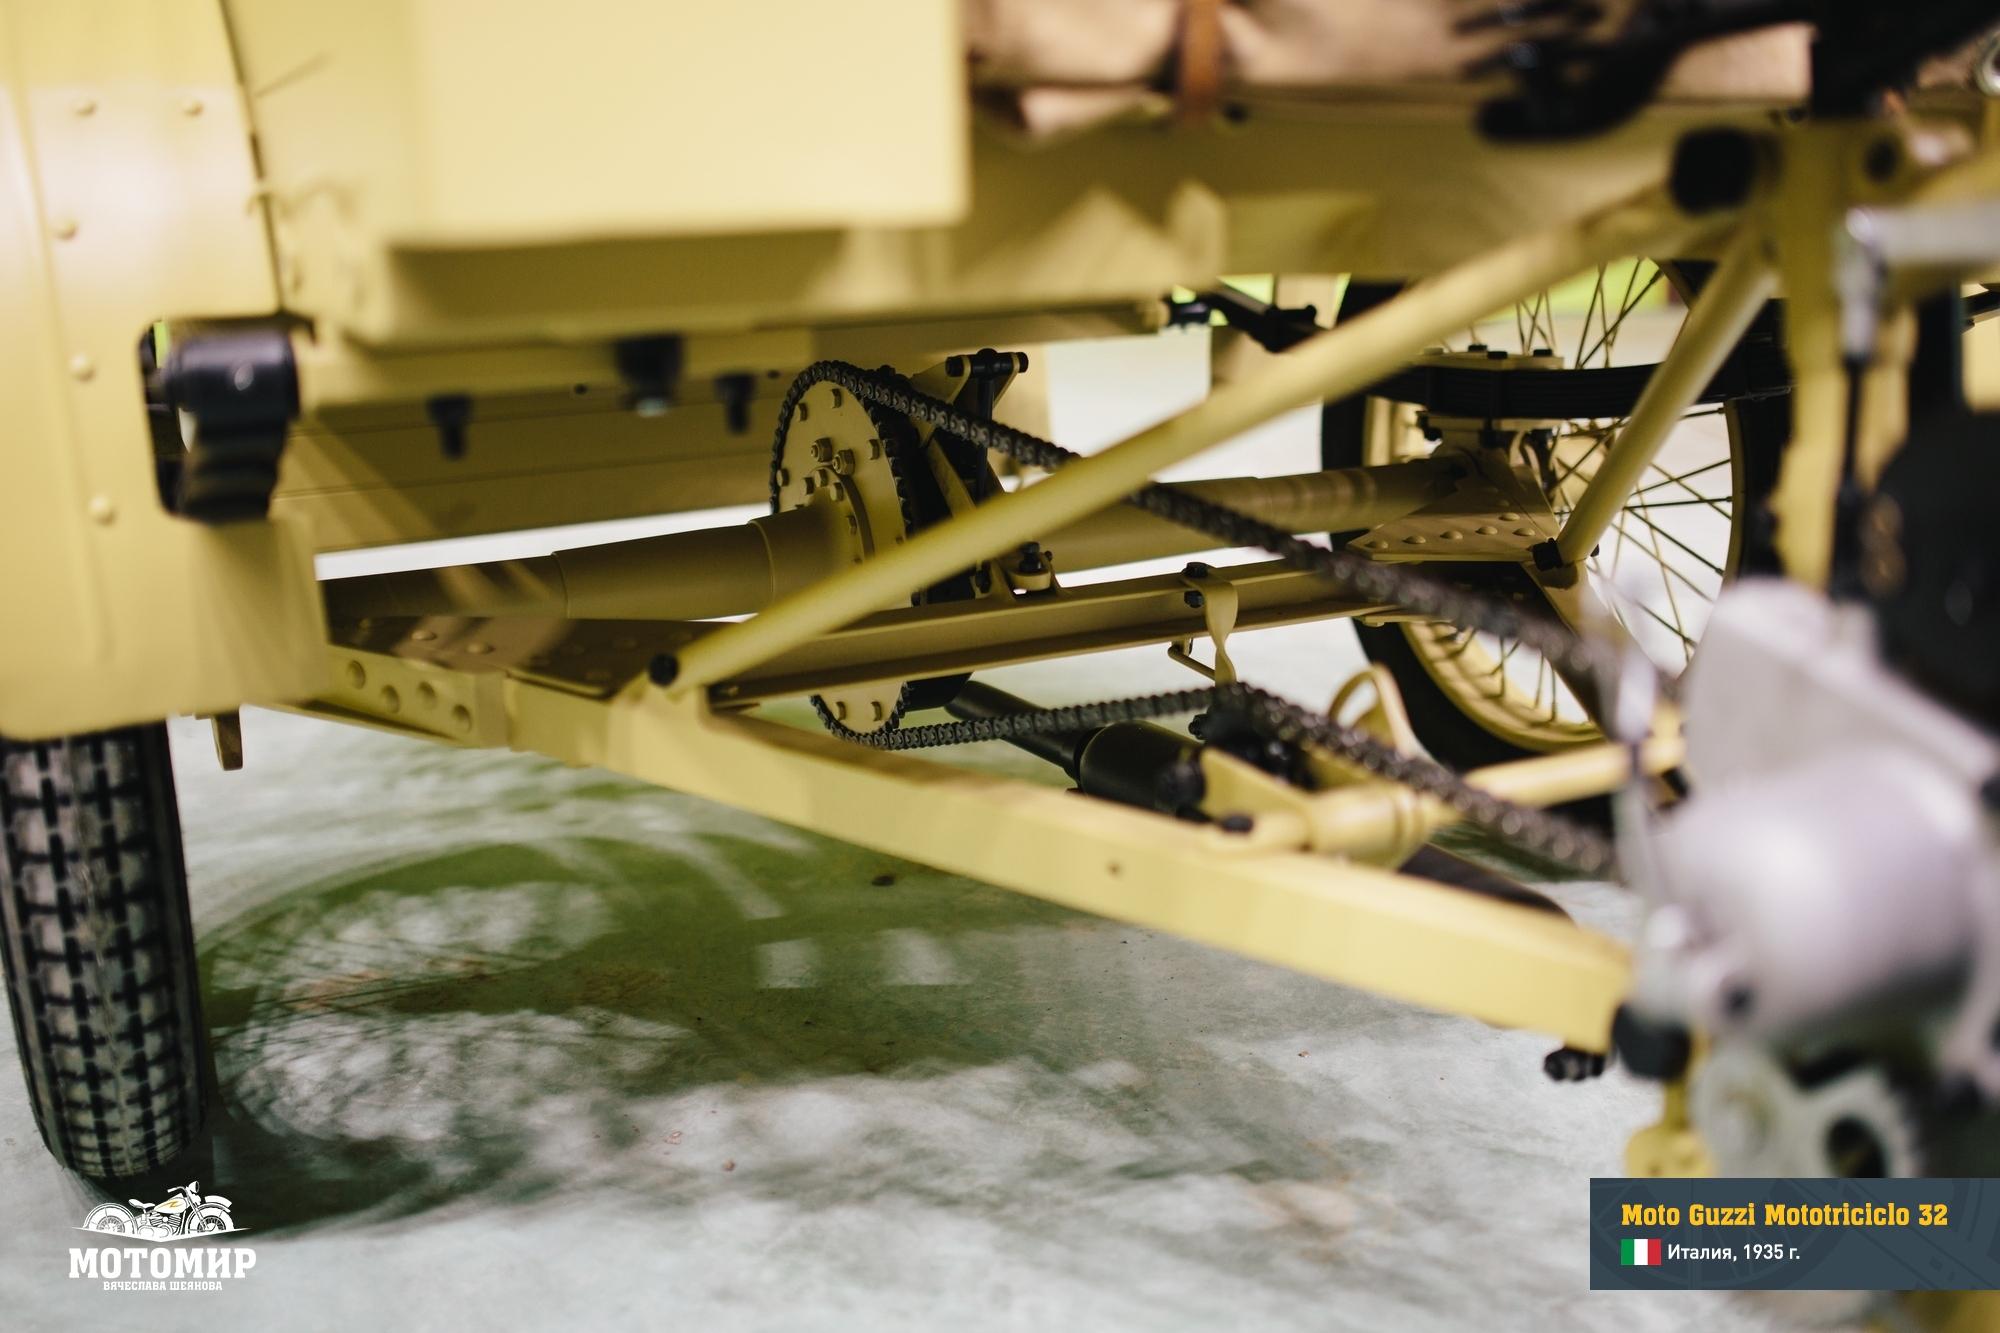 moto-guzzi-mototriciclo-32-web-27